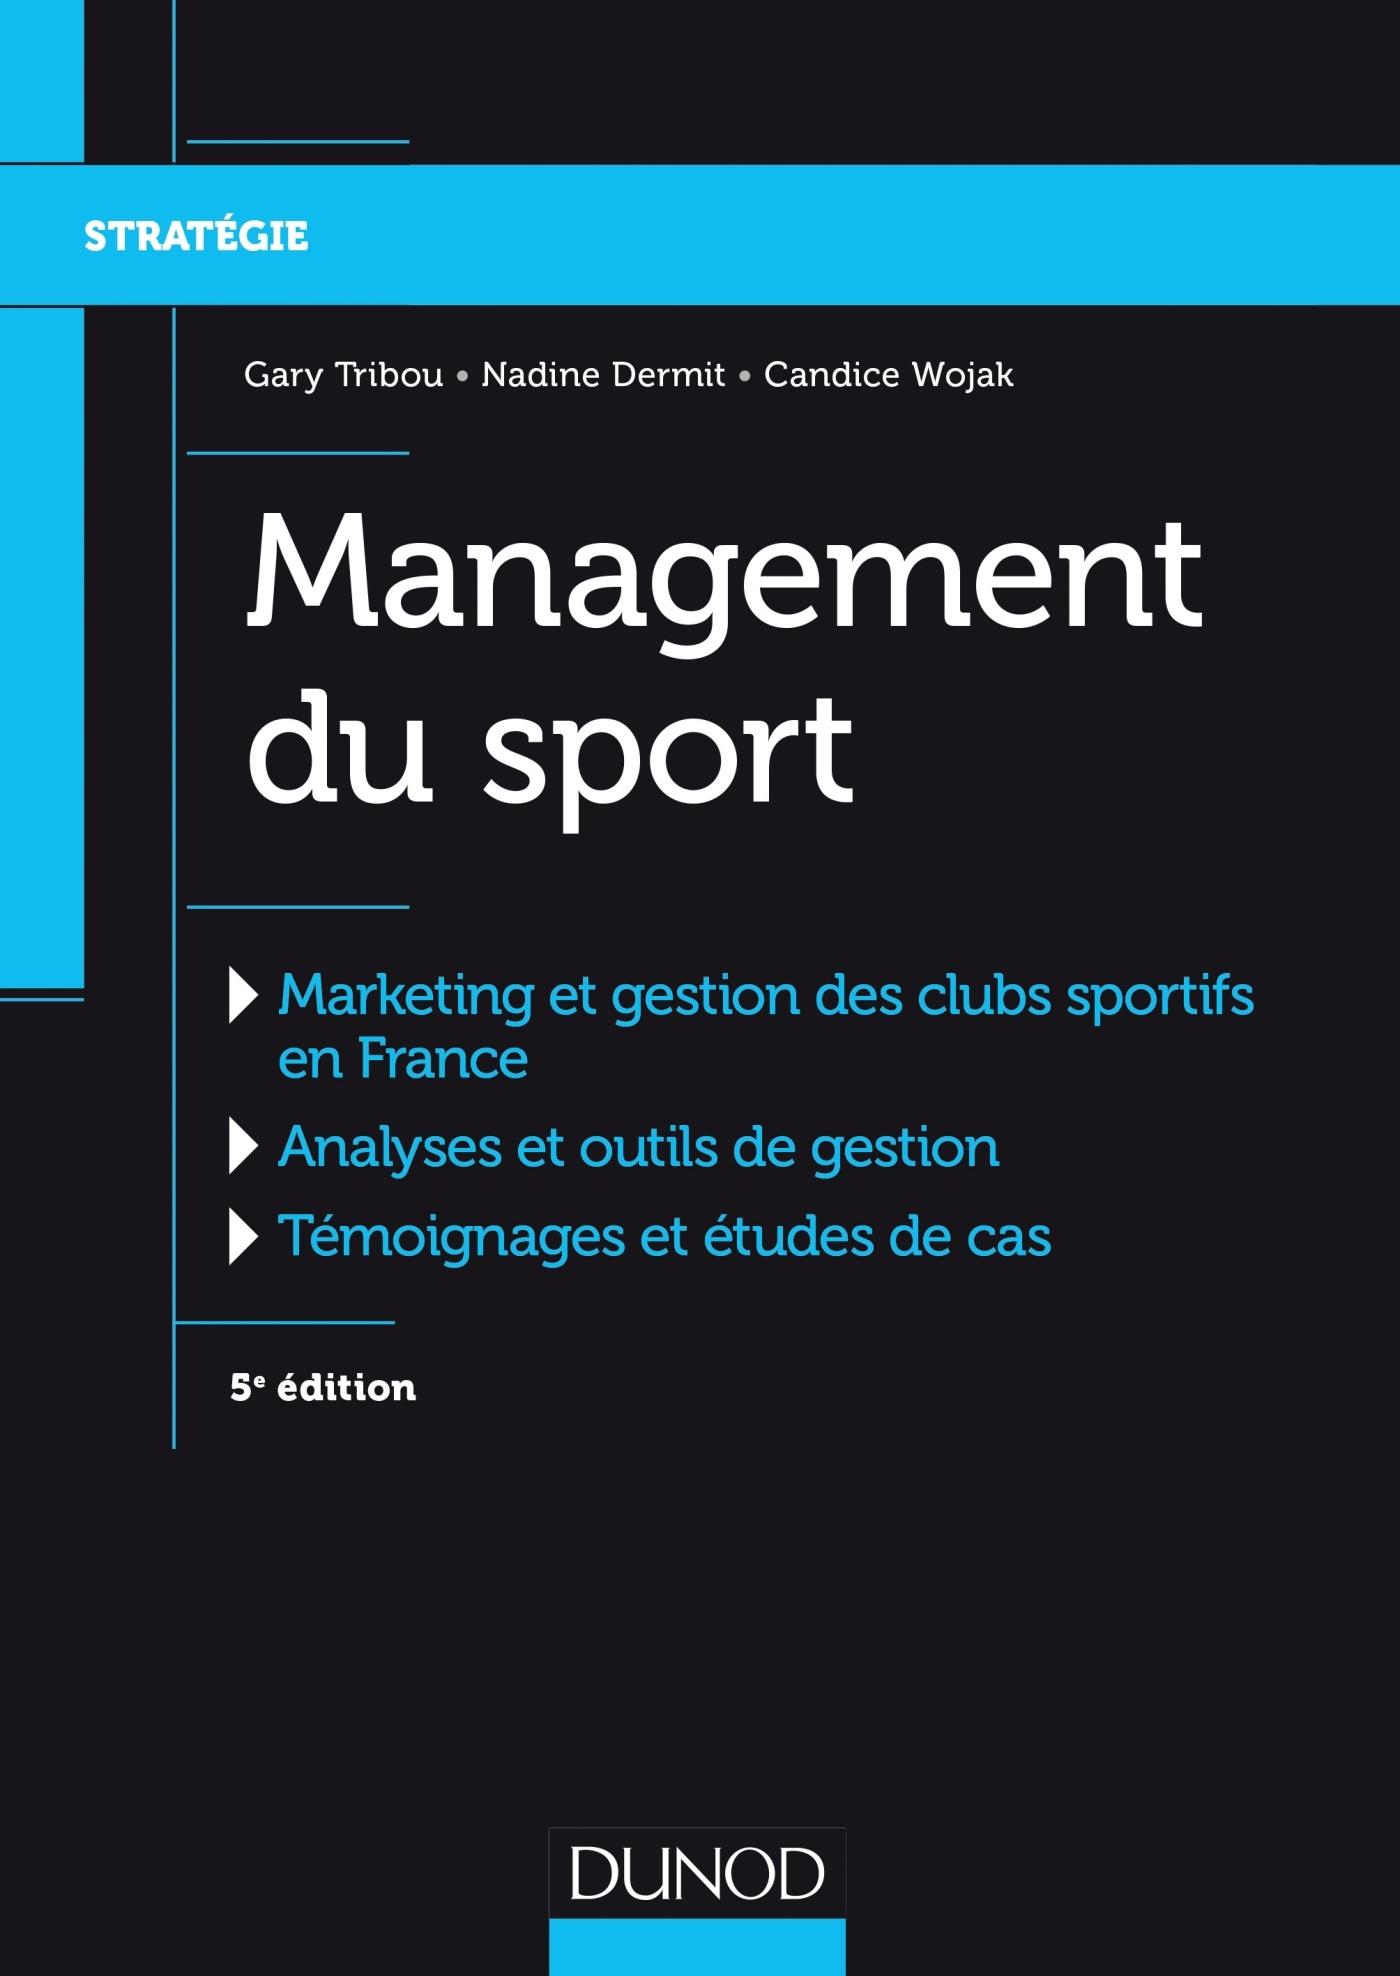 MANAGEMENT DU SPORT - 5E ED. - MARKETING ET GESTION DES CLUBS SPORTIFS